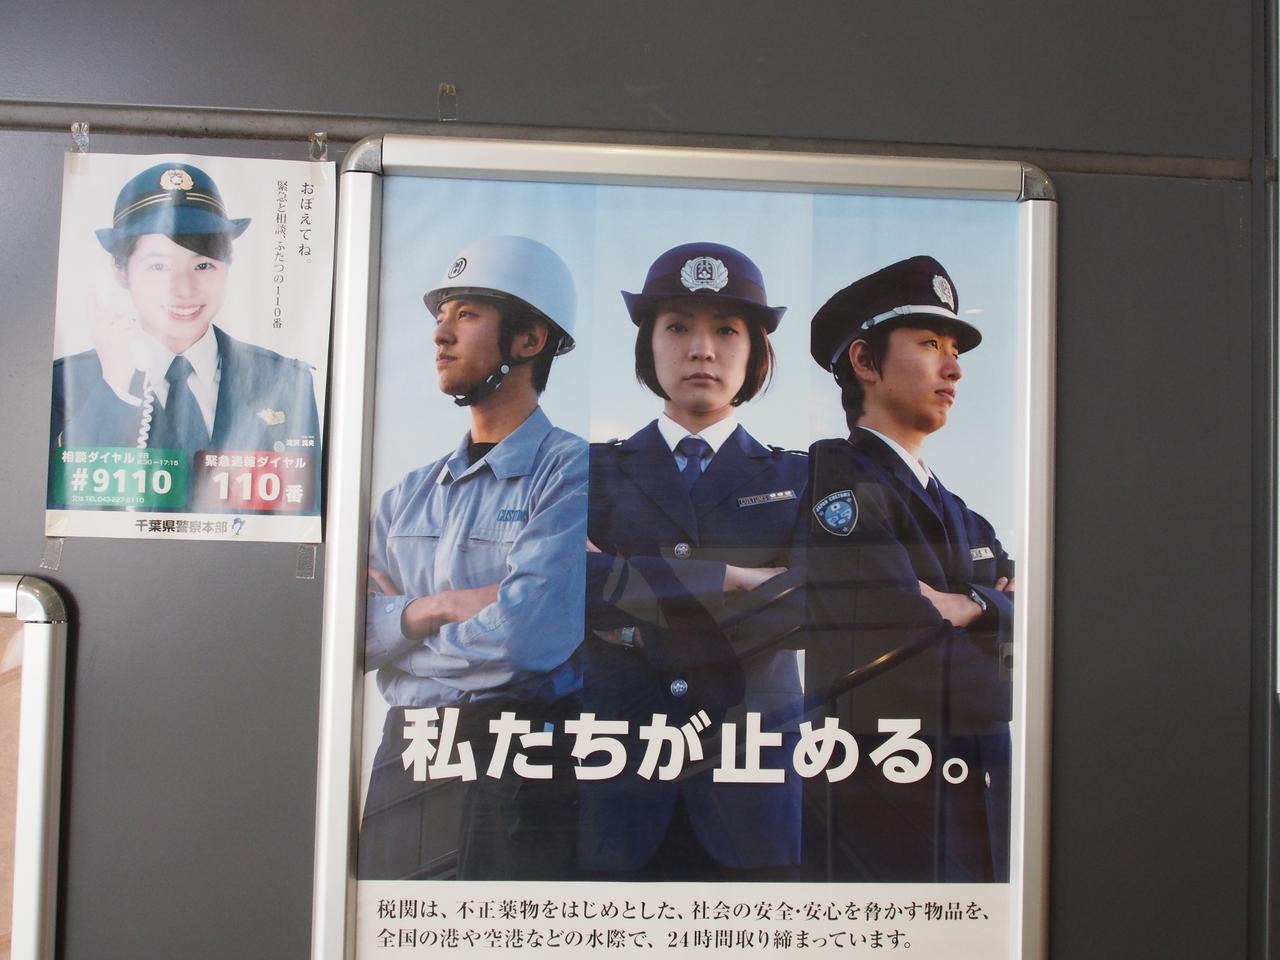 画像: 警察だか税関だかのポスター。左の白ヘルメットさんを除く2名さまを認識。ヘルメッと背景の輝度差が少ないから同化してしまった?